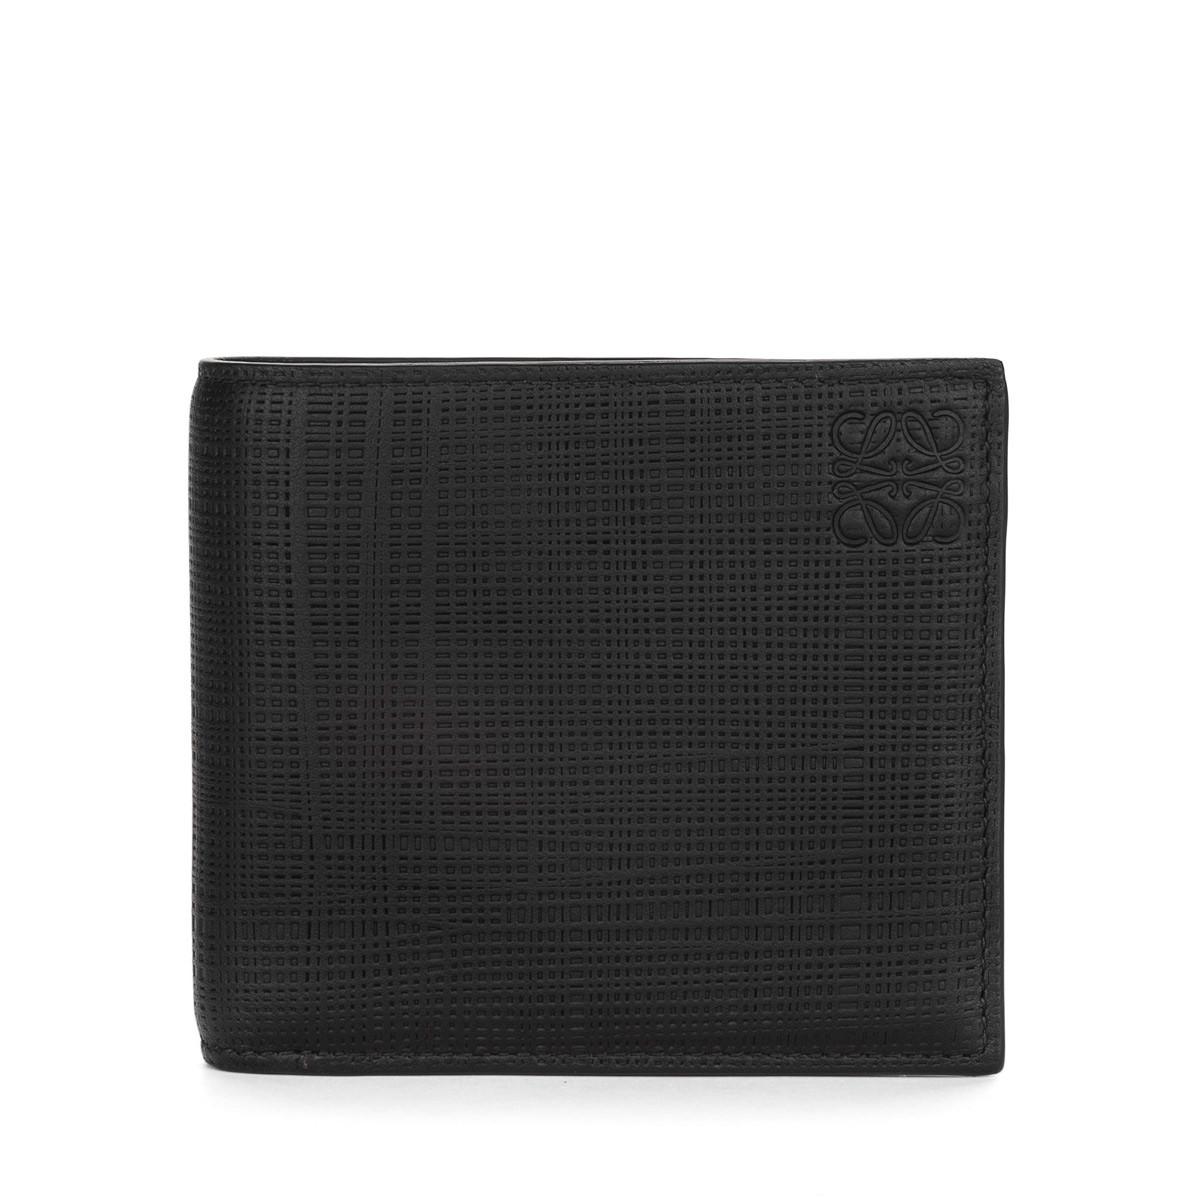 【送料無料】 (LOEWE) ロエベ BIFOLD /COIN WALLET 財布 サイフ ウォレット コインケース